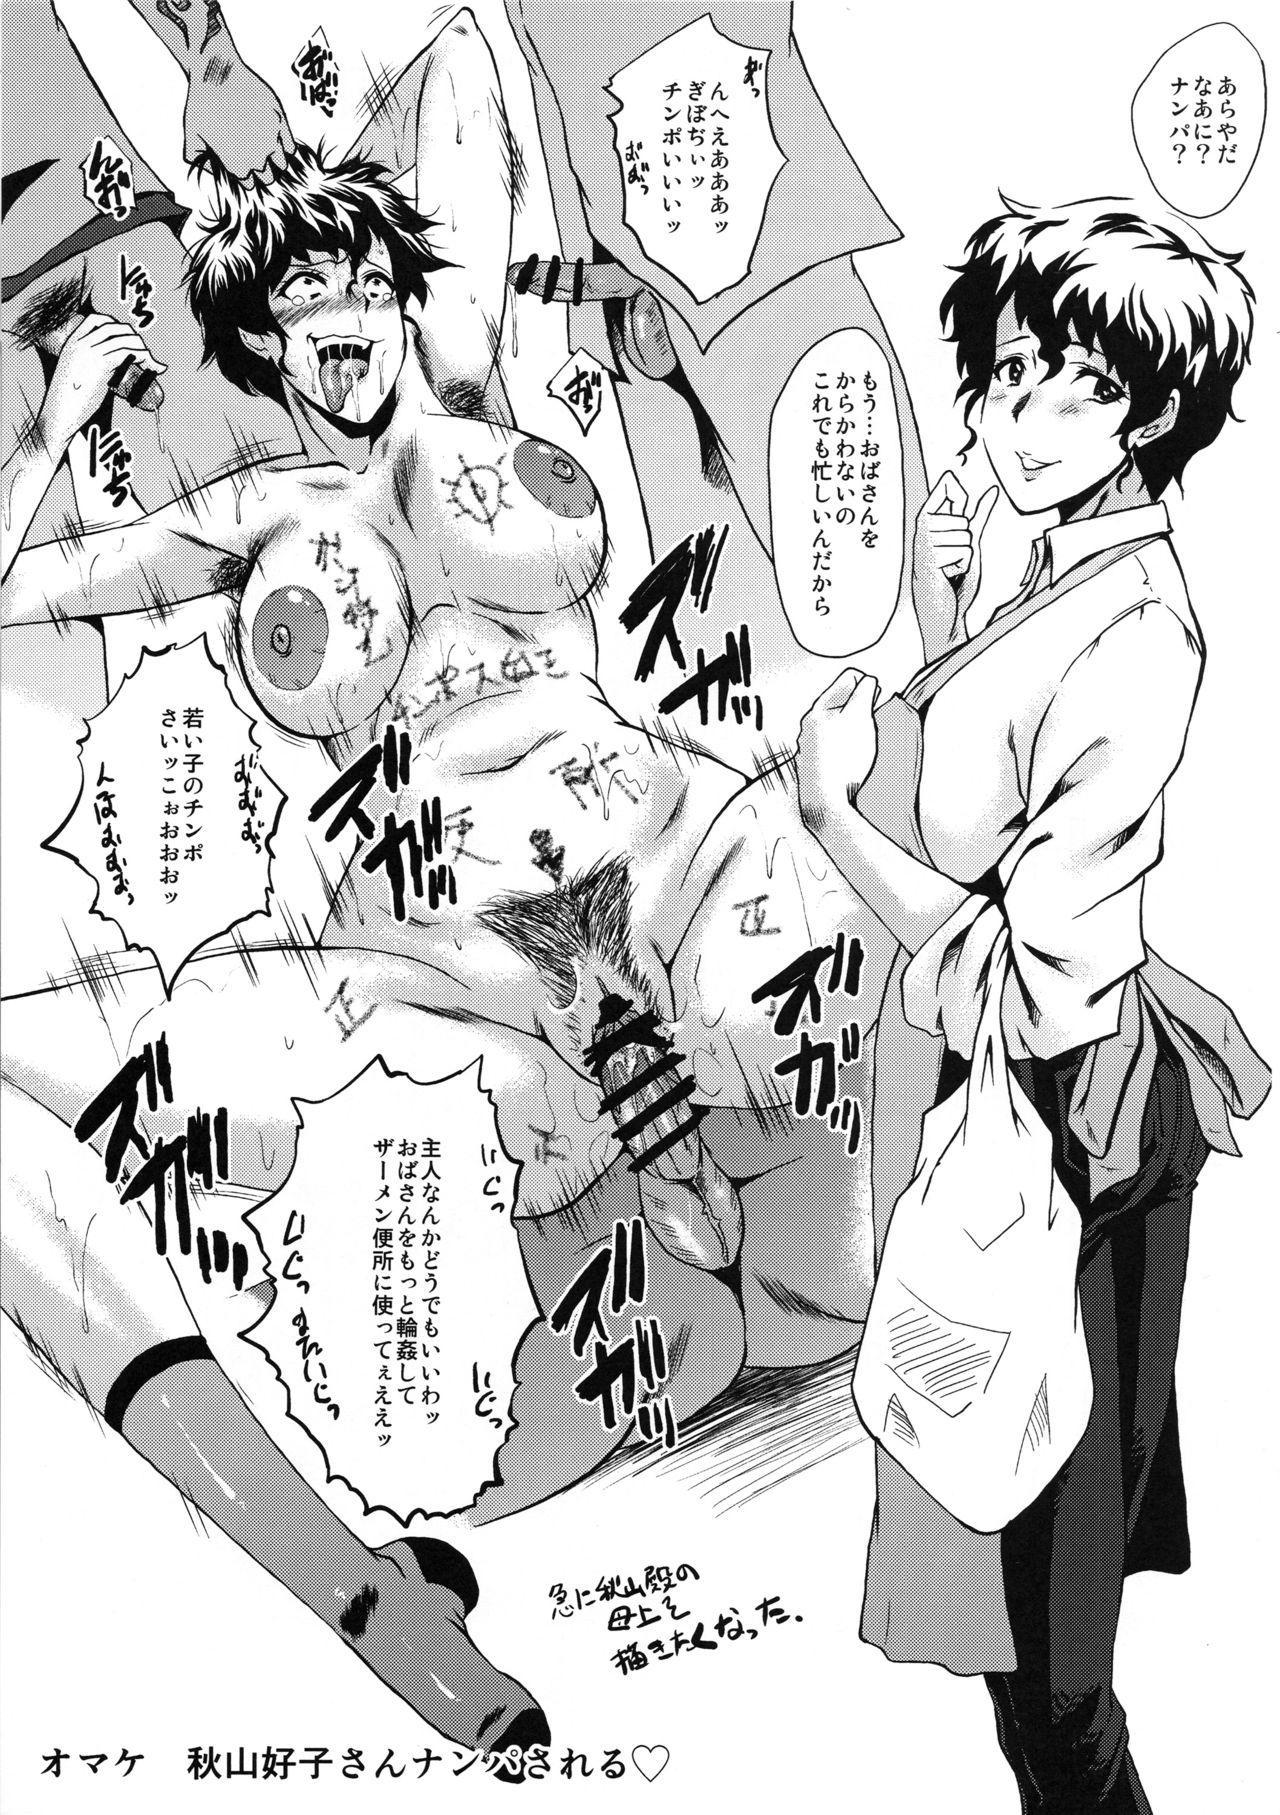 Urabambi Vol. 59 Ichii wa Seiteki ni Ijimeraretai 13